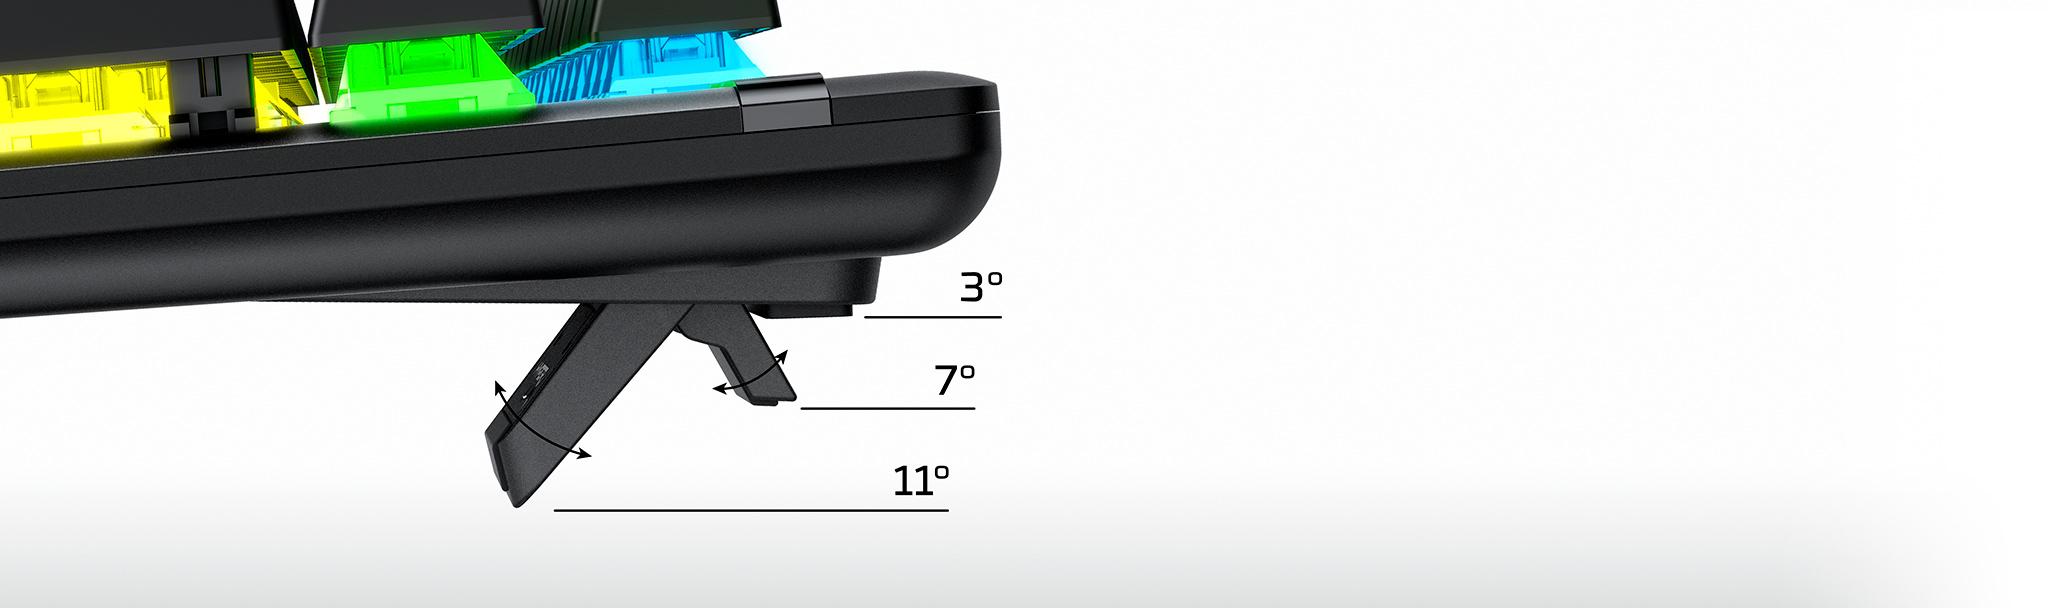 Bàn phím cơ Kingston HyperX Alloy Origins (USB/Led RGB/Aqua Switch/Black) (HX-KB6AQX-US) có thể điều chỉnh độ dốc dễ dàng